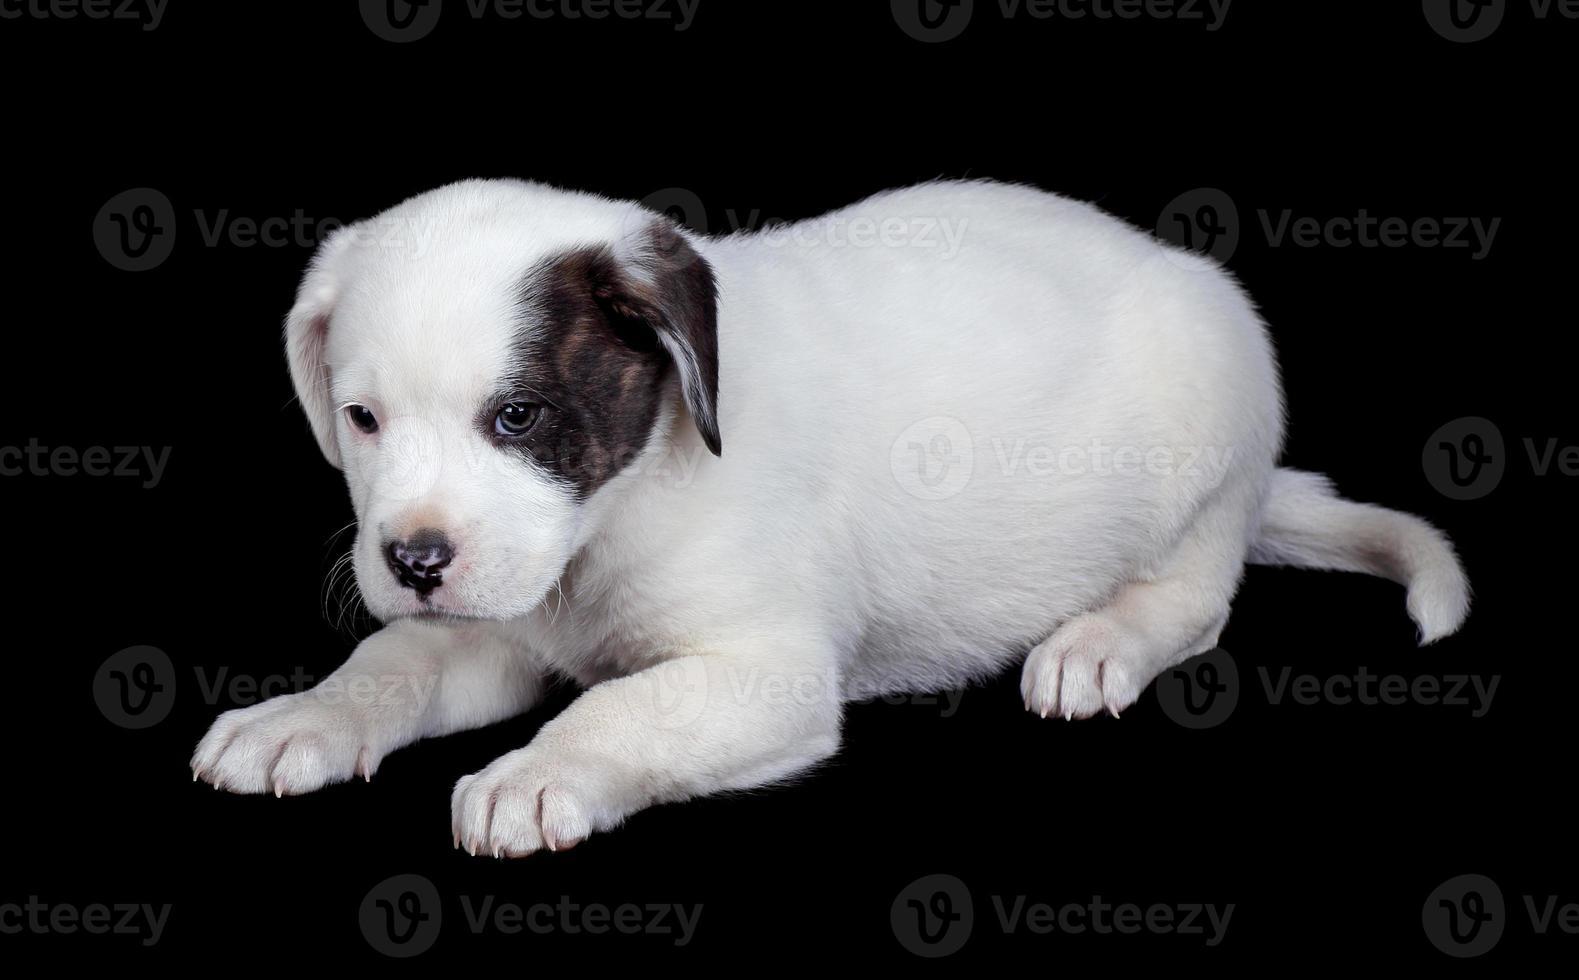 cucciolo bianco isolato sul nero foto